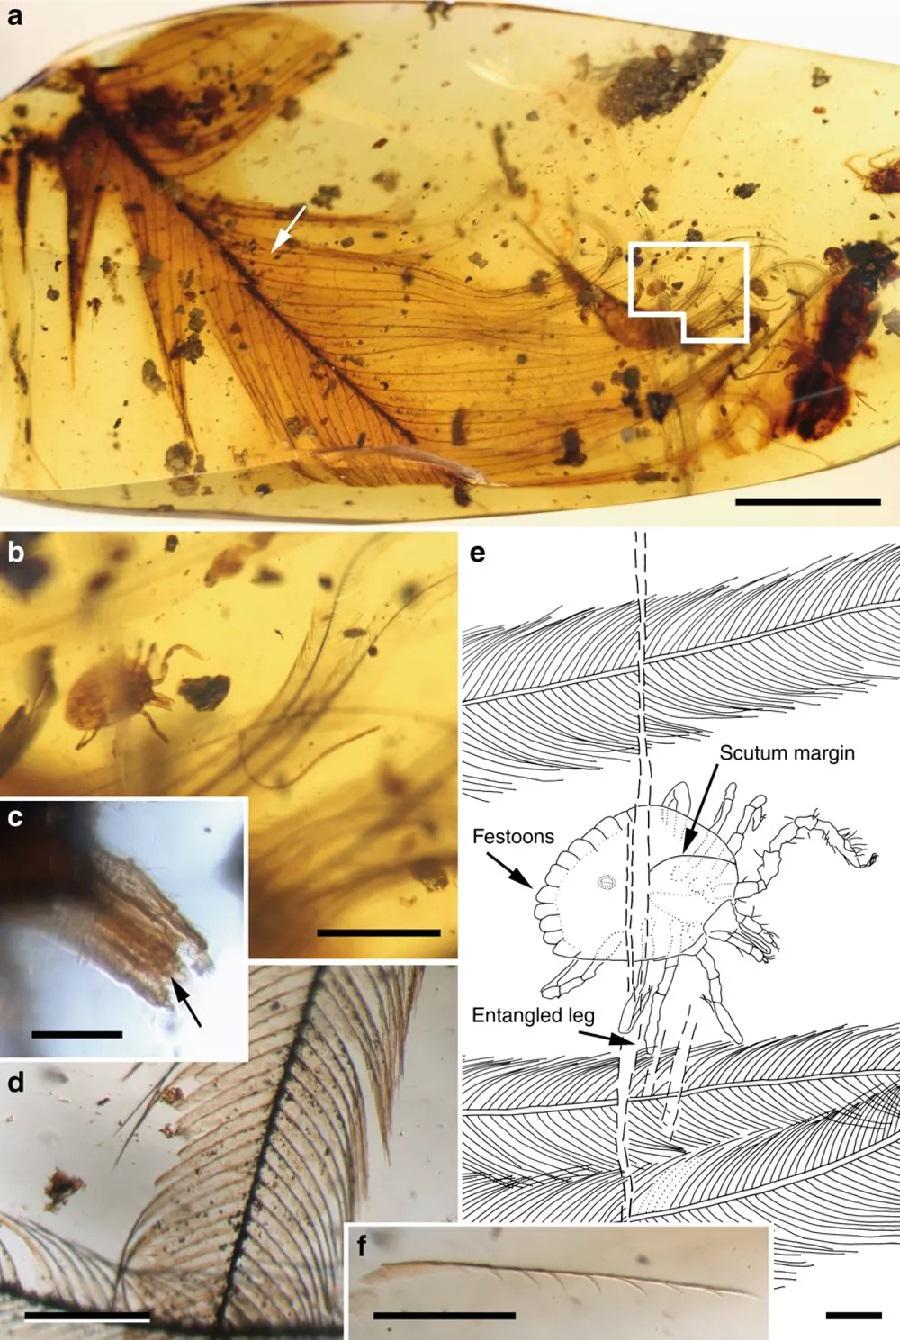 """Figura 2. (a) Unha carracha """"Cornupalpatum burmanicum"""" ancorada nunha pluma. Barra de escala, 5mm. ( b) Detalle dunha ninfa de carracha en vista dorsal ancorada nas barbas da pluma (a). Barra de escala, 1mm. ( c) Detalle do capítulo succionador da carrapata mostrando palpos e hipostoma con dentes (frecha). Barra de escala, 0,1mm. (d) Detalle dunha barba. Barra de escala, 0,2mm. (e) Debuxo dunha carracha en vista dorsal indicando o punto de ancoraxe. Barra de escala, 0,2mm. ( f) Bárbula da pluma separada mostrando ganchos nun dos seus lados (a frecha de (a) indica a súa localización, pero na cara oposta da peza de ámbar). Barra de escala, 0,2mm."""